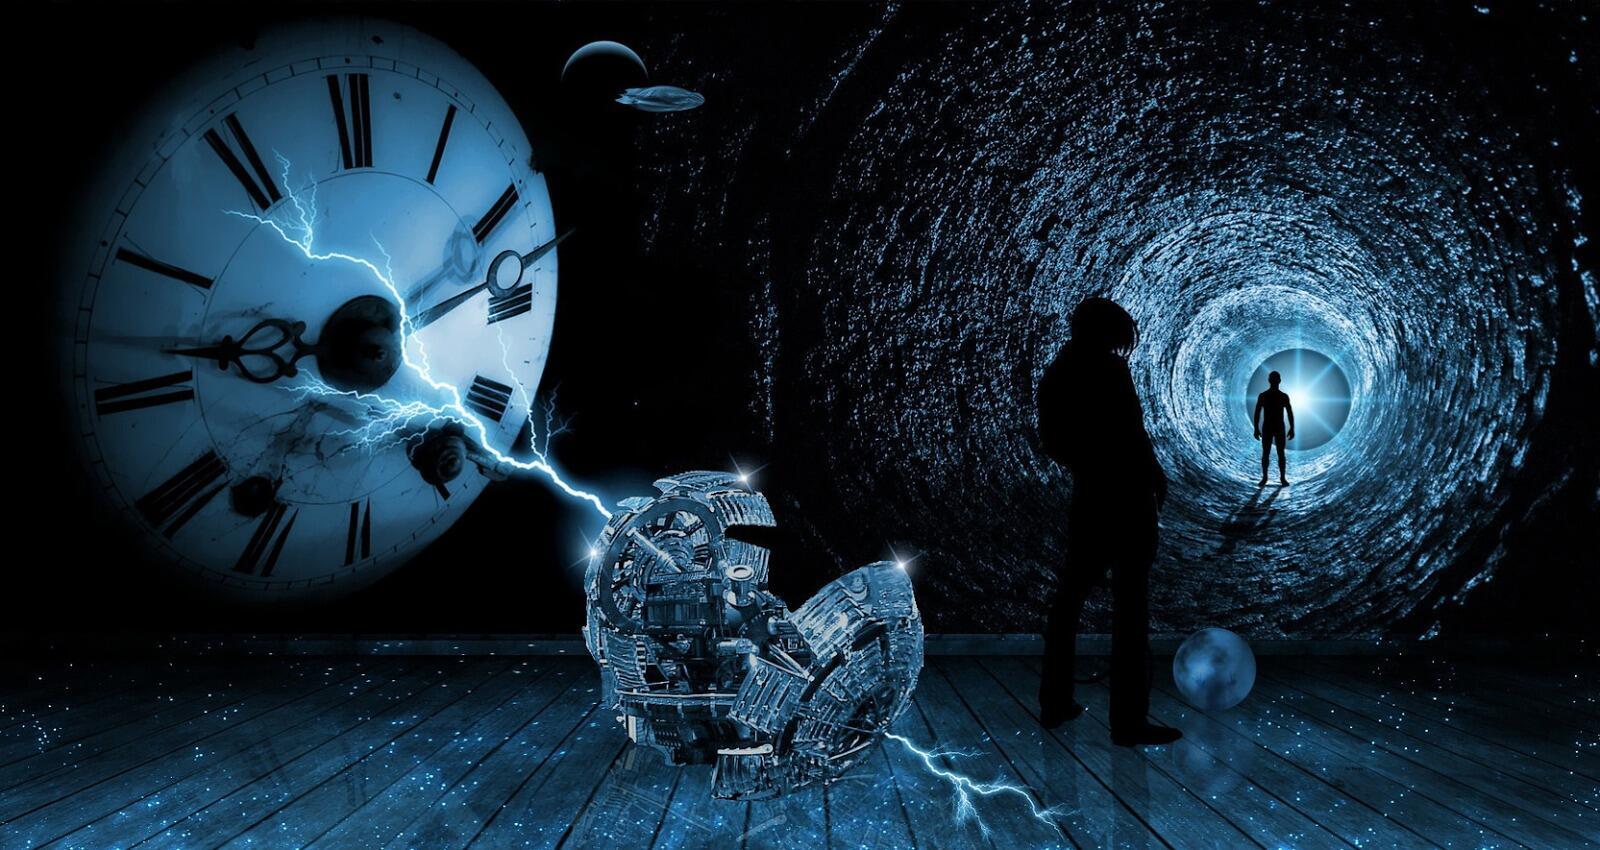 Time Travel Itu Memungkinkan Secara Ilmiah, Begini Penjelasan Caranya!